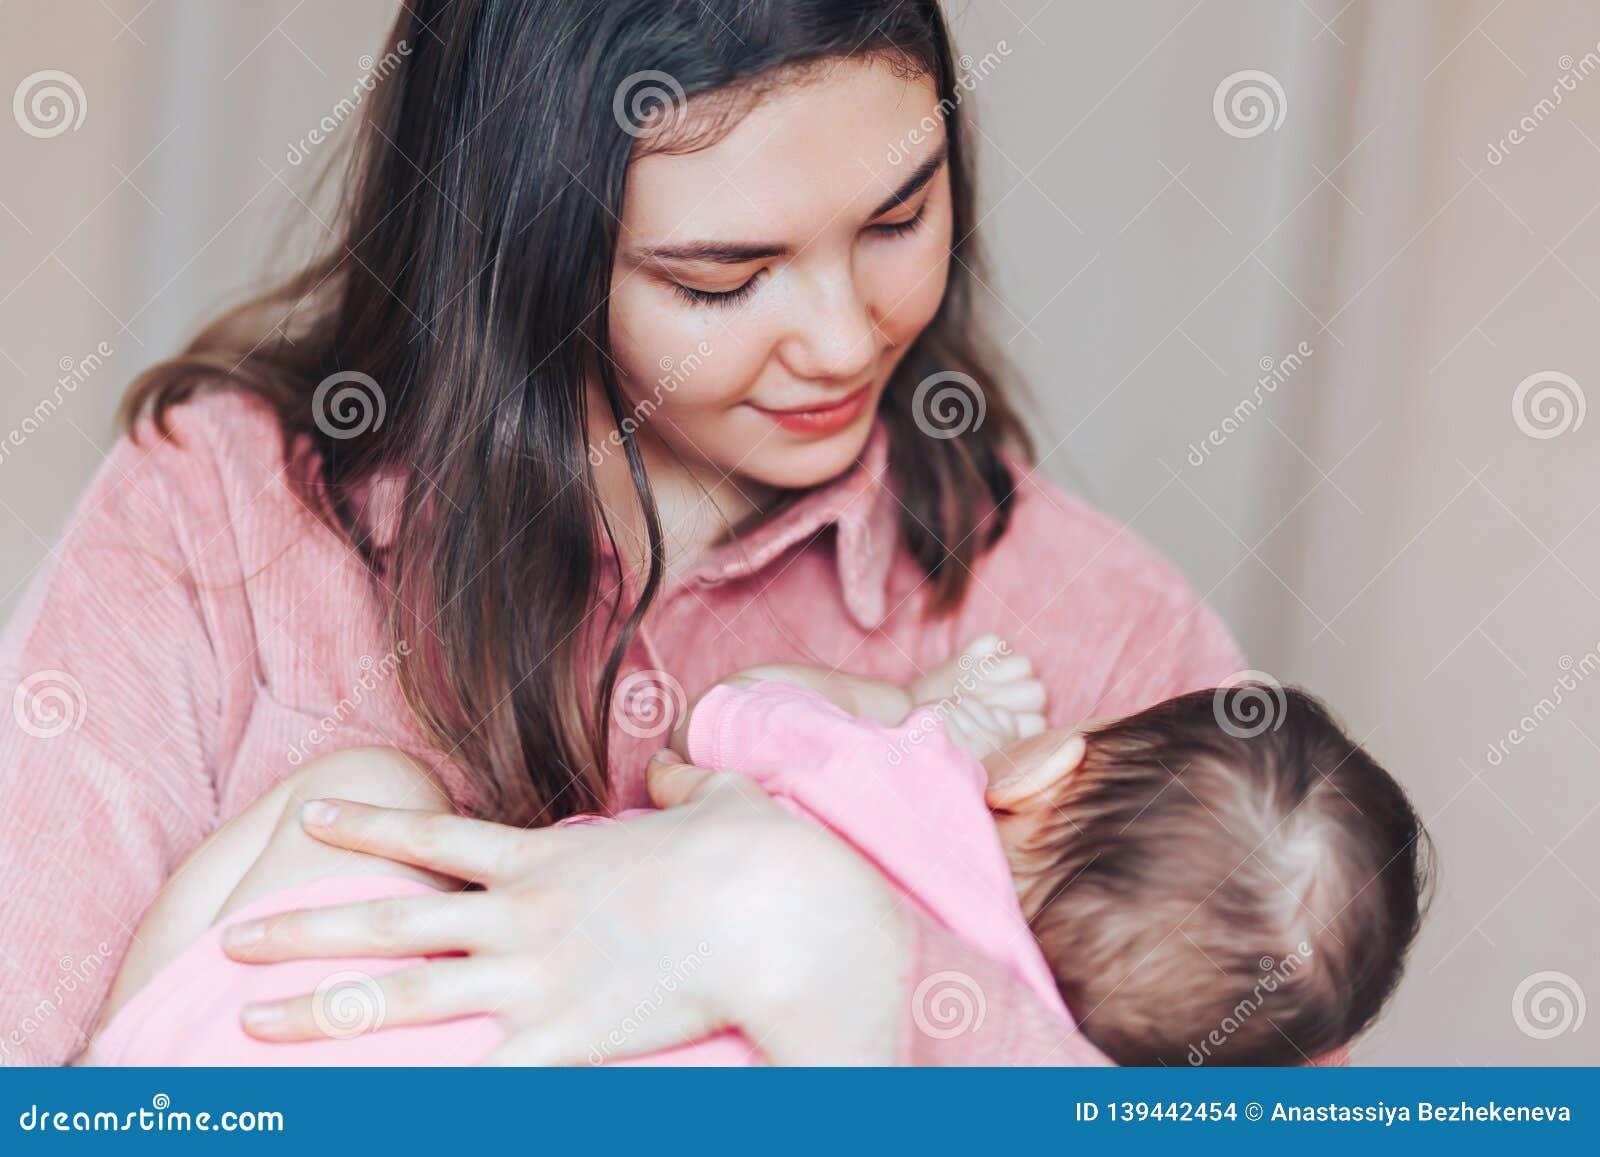 Moederrots haar baby bij handen het glimlachen